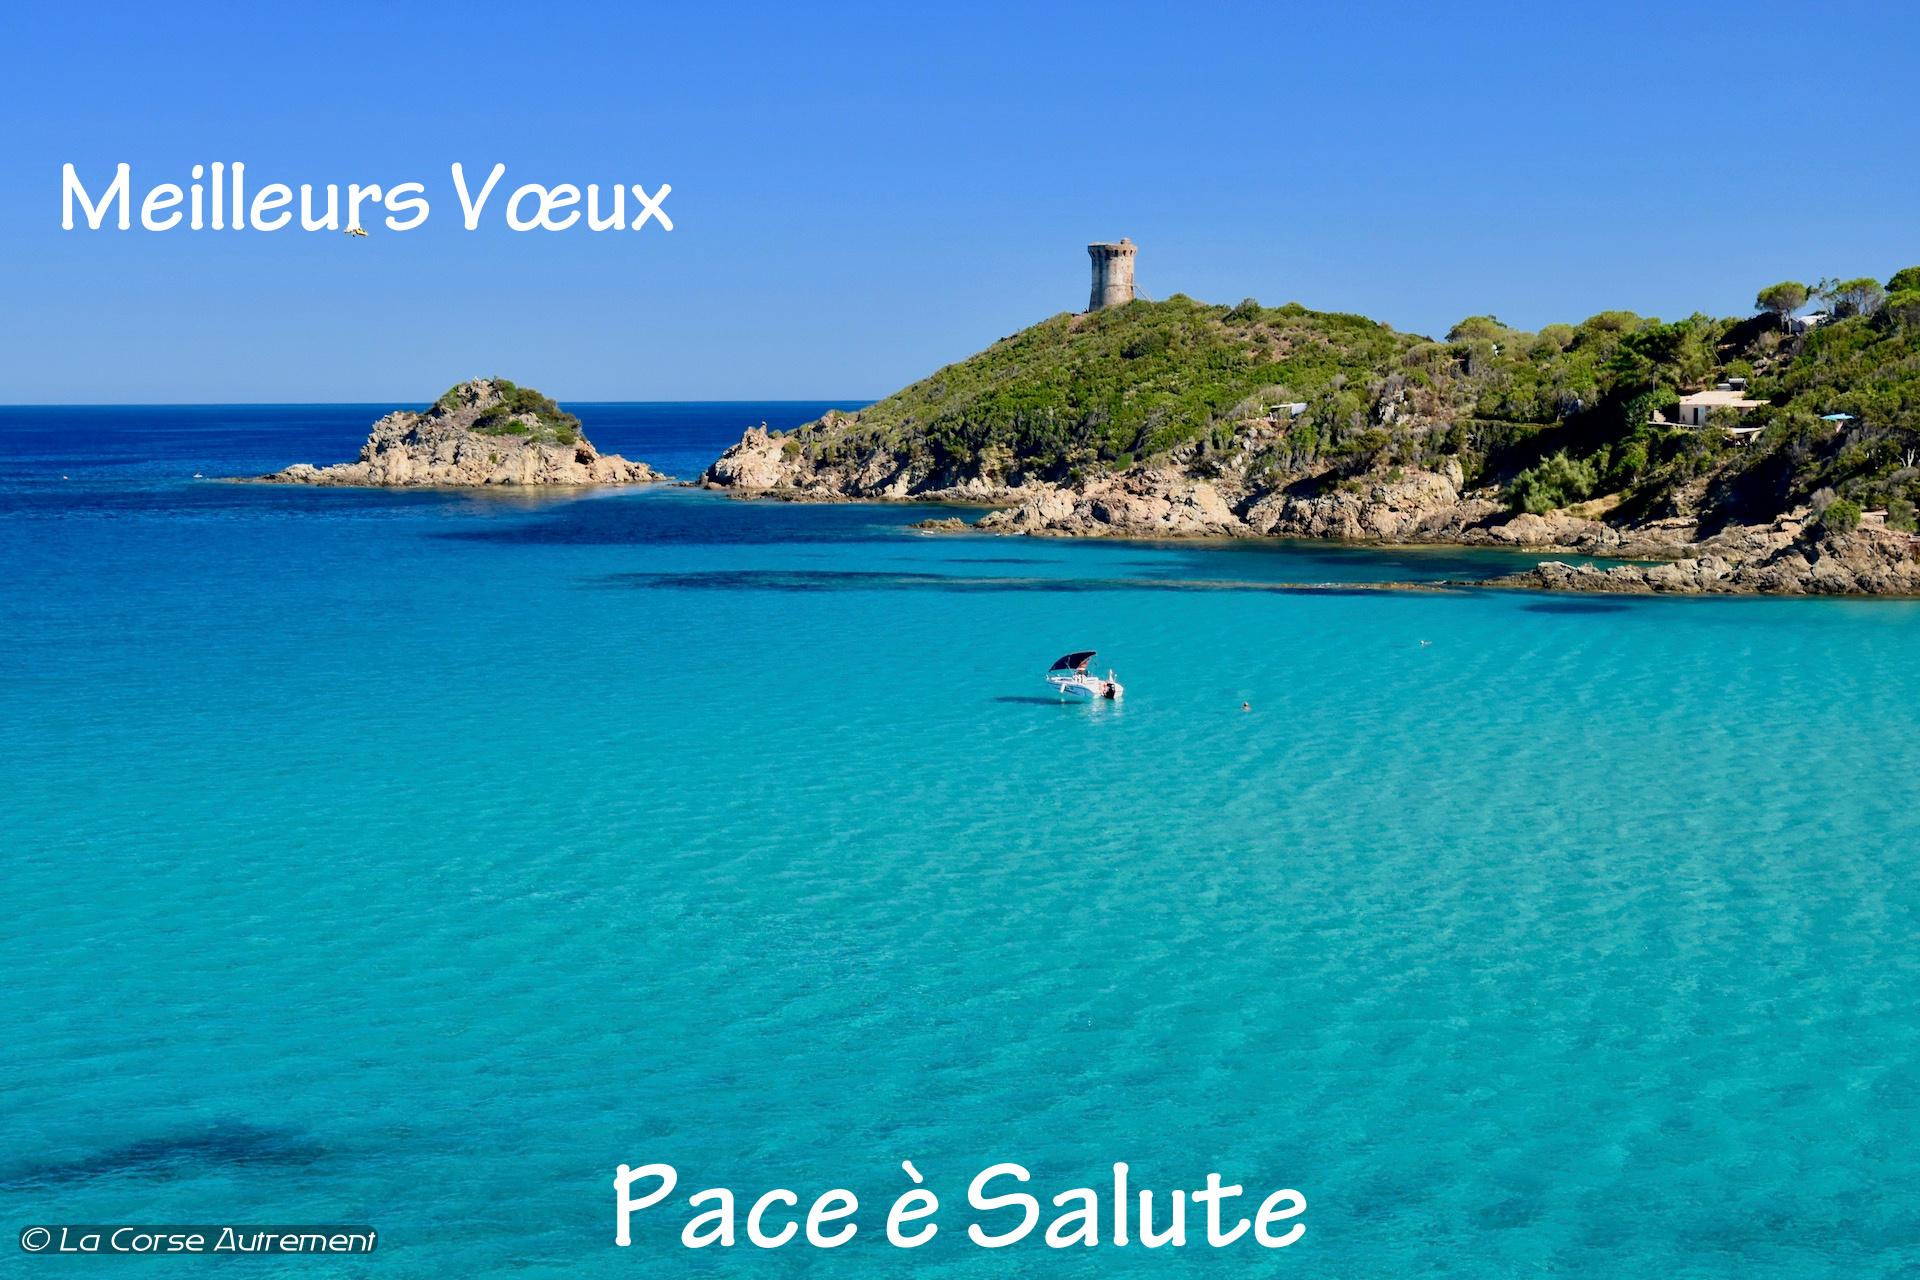 Carte Corse Gratuite Imprimer.Cartes De Vœux Sur Le Theme De La Corse A Telecharger Gratuitement